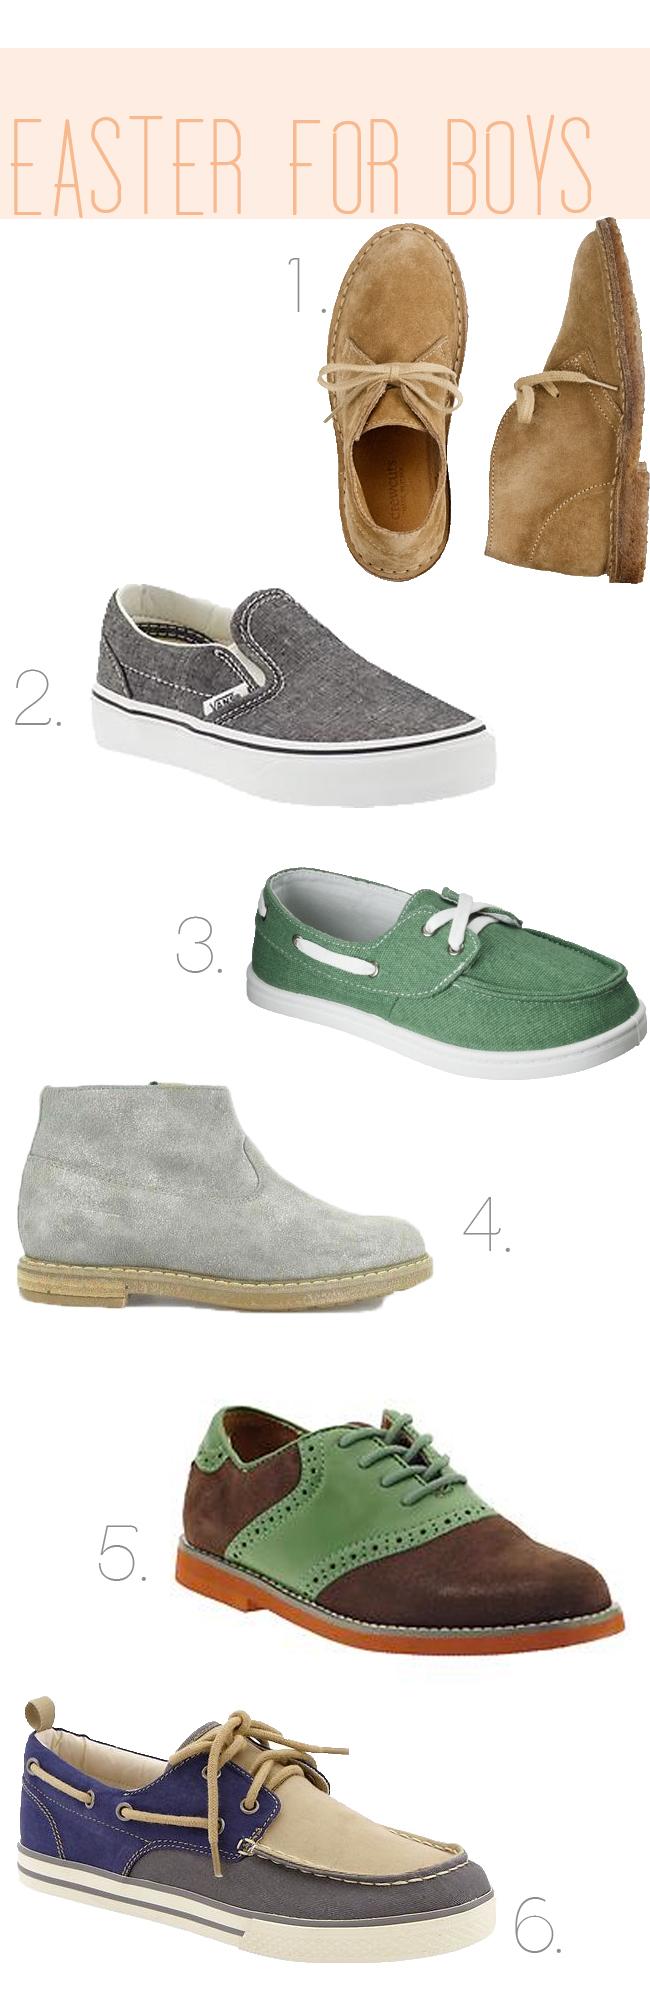 blue closet, BOYS easter shoes